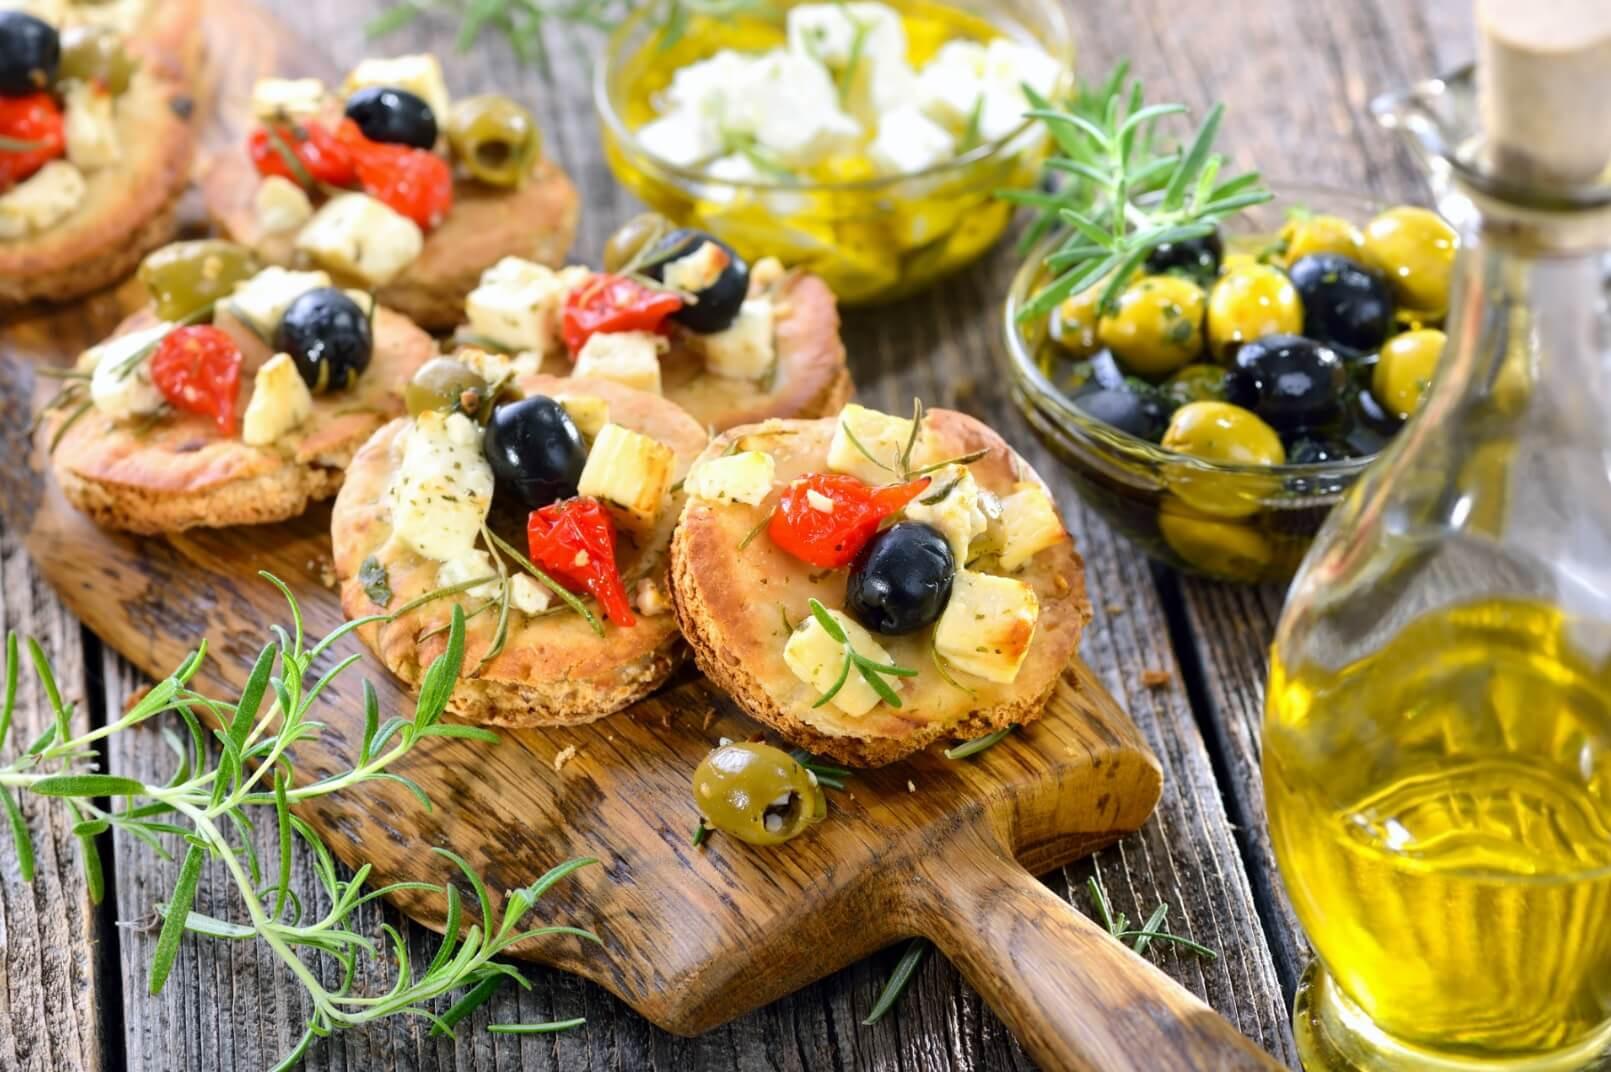 Mediterranean Vegetarian Diet  Mediterranean Diet – A Beginner's Guide and How to Start